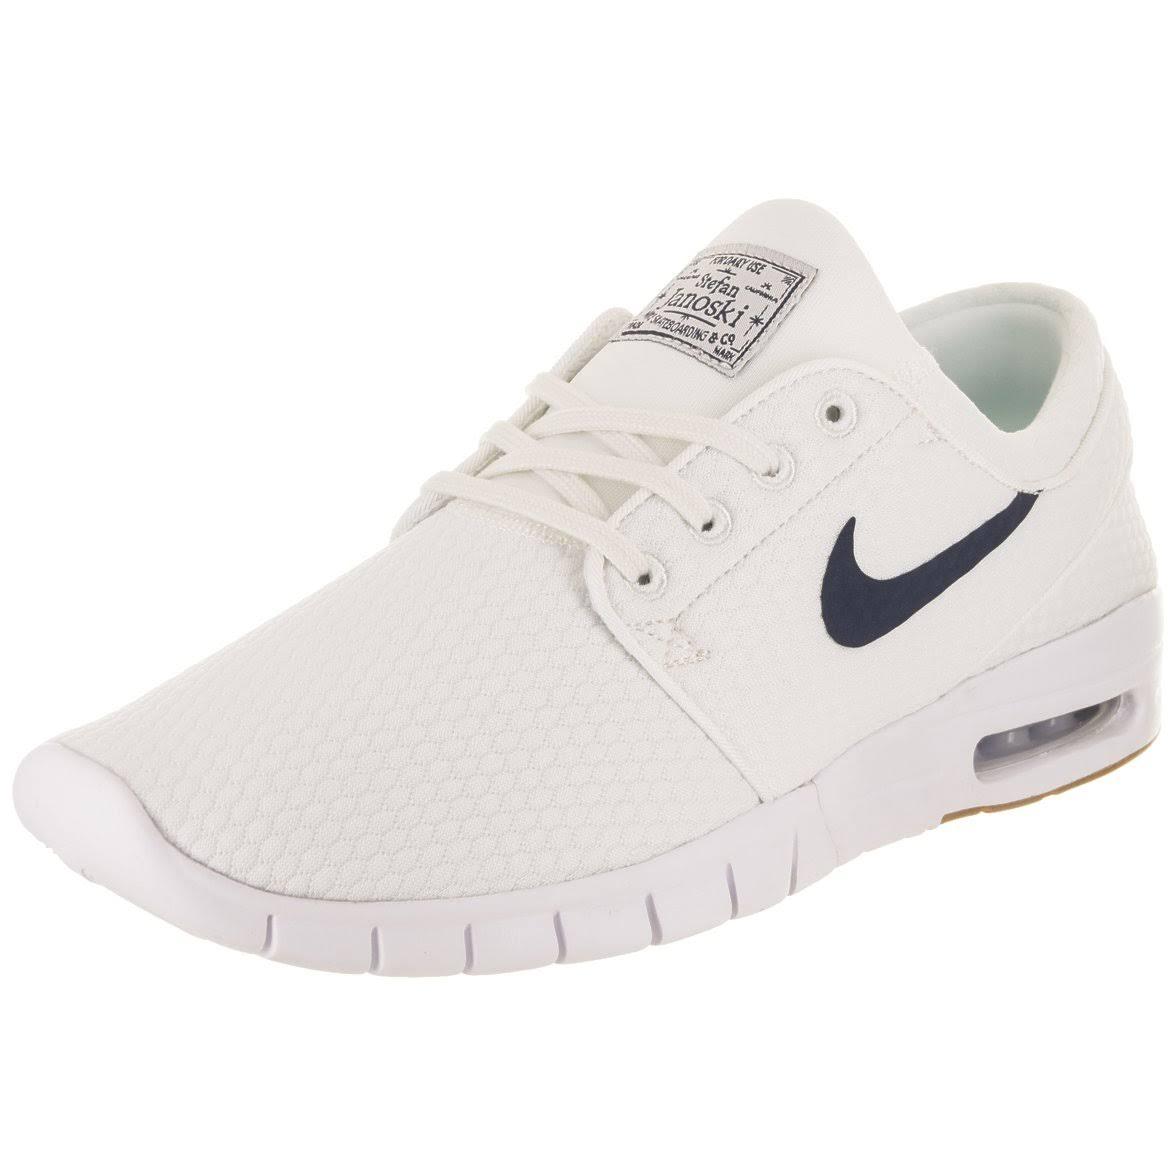 Size Stefan Nike Skateboarding white Max Sb Janoski 6 Men's Shoe 050TAxFwq